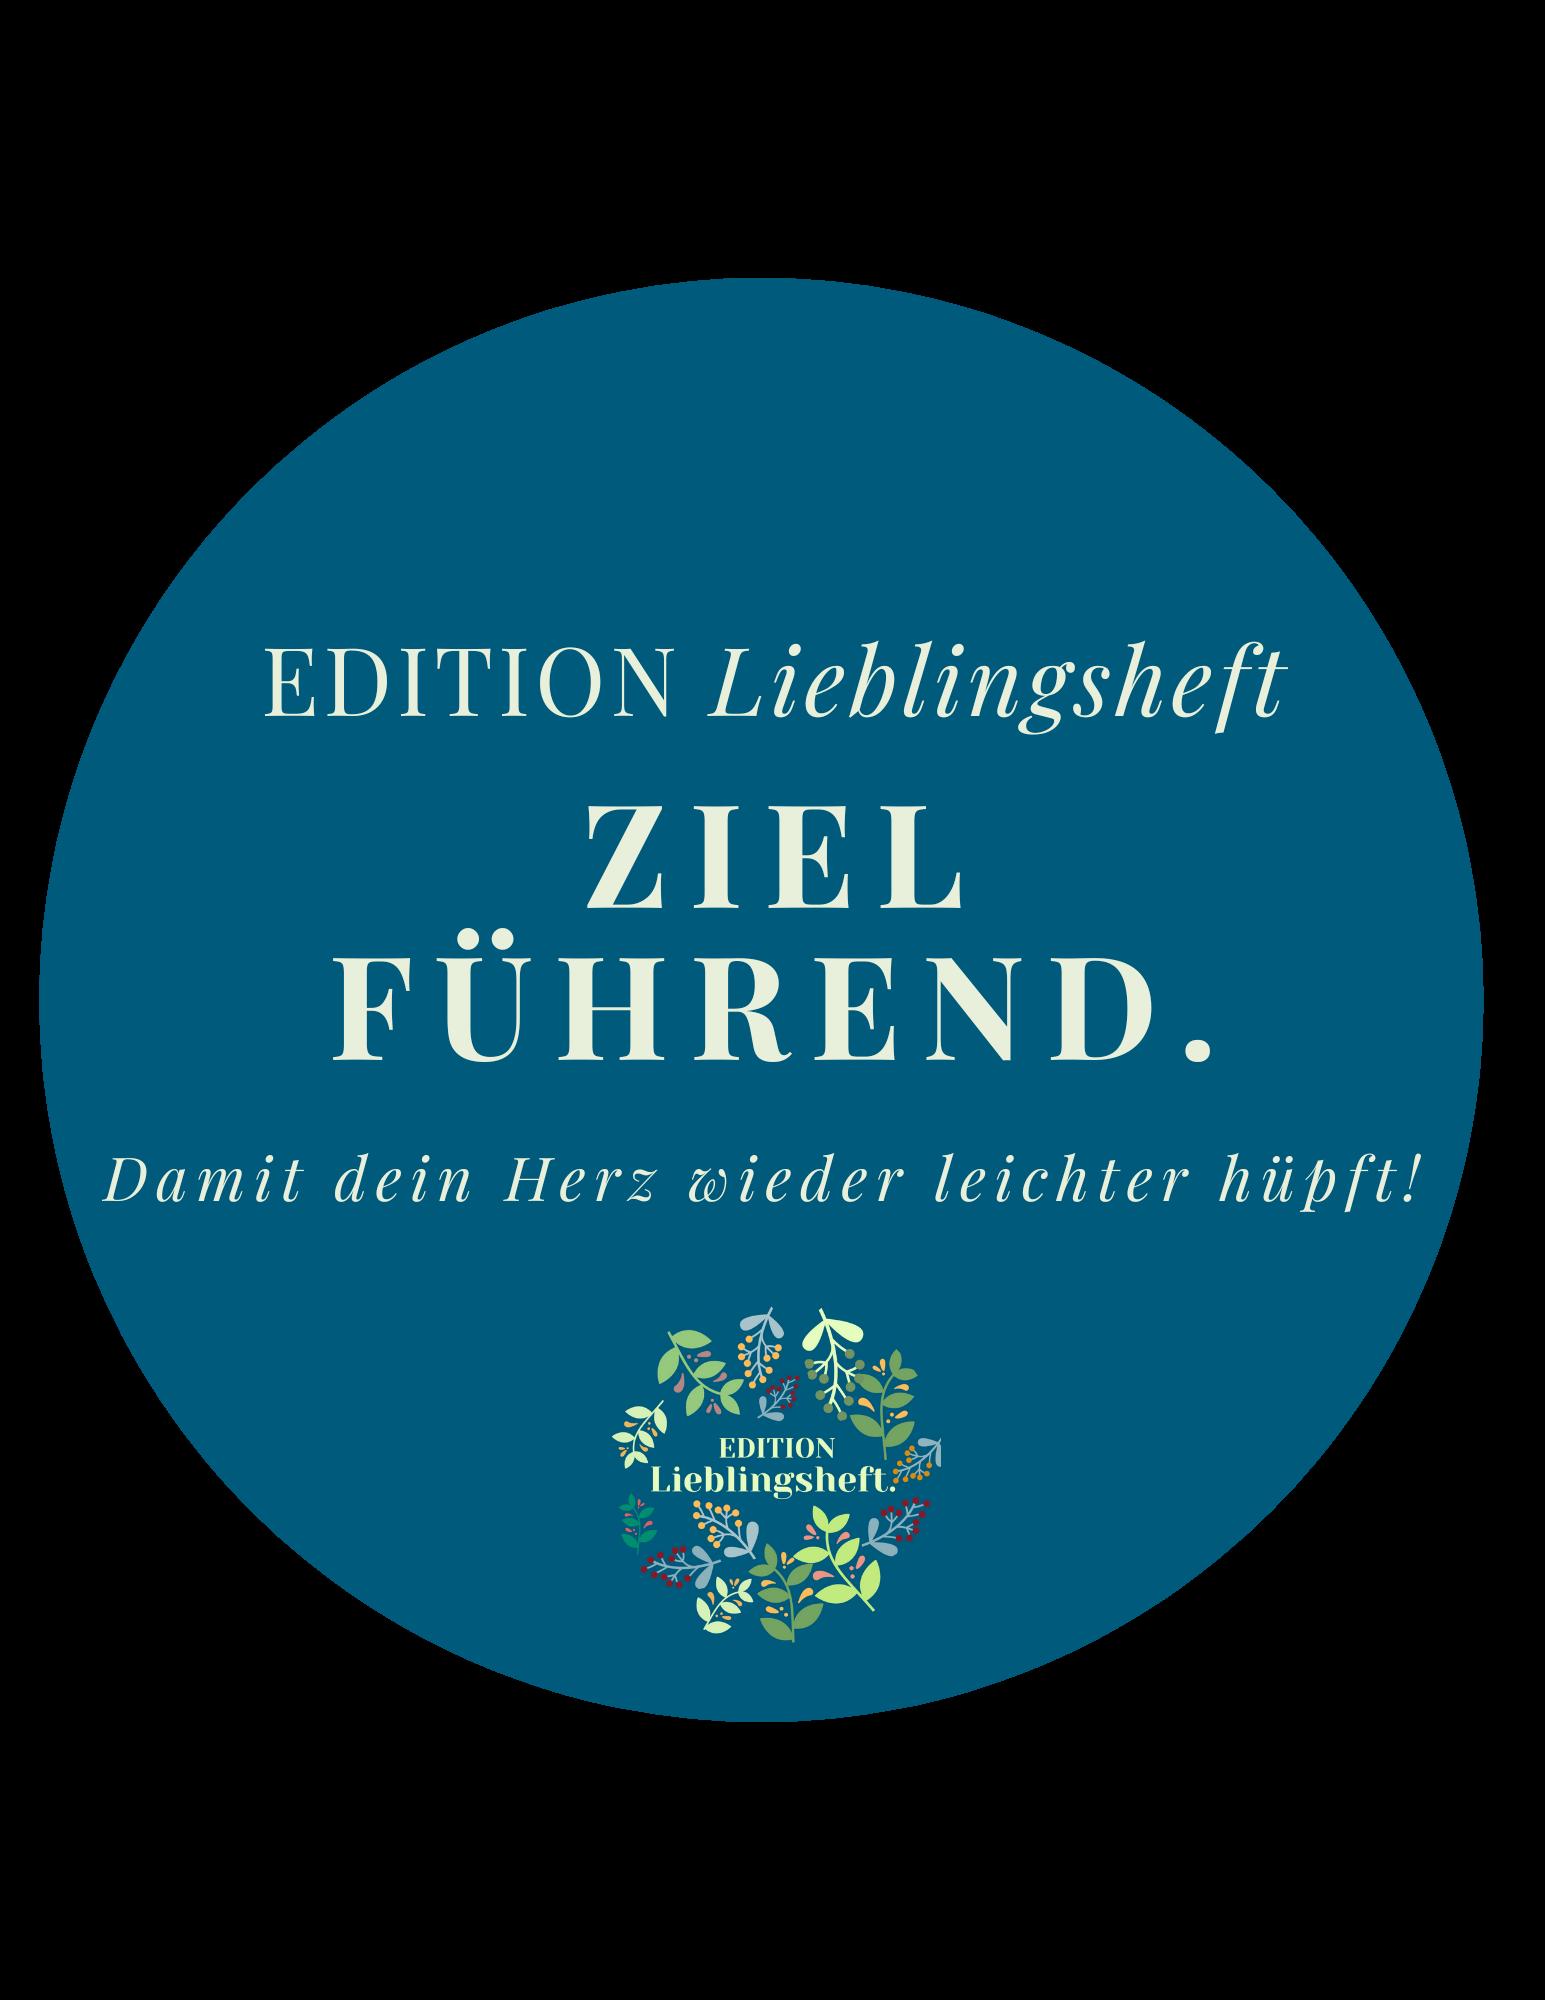 Edition Lieblingsheft - zielführend.